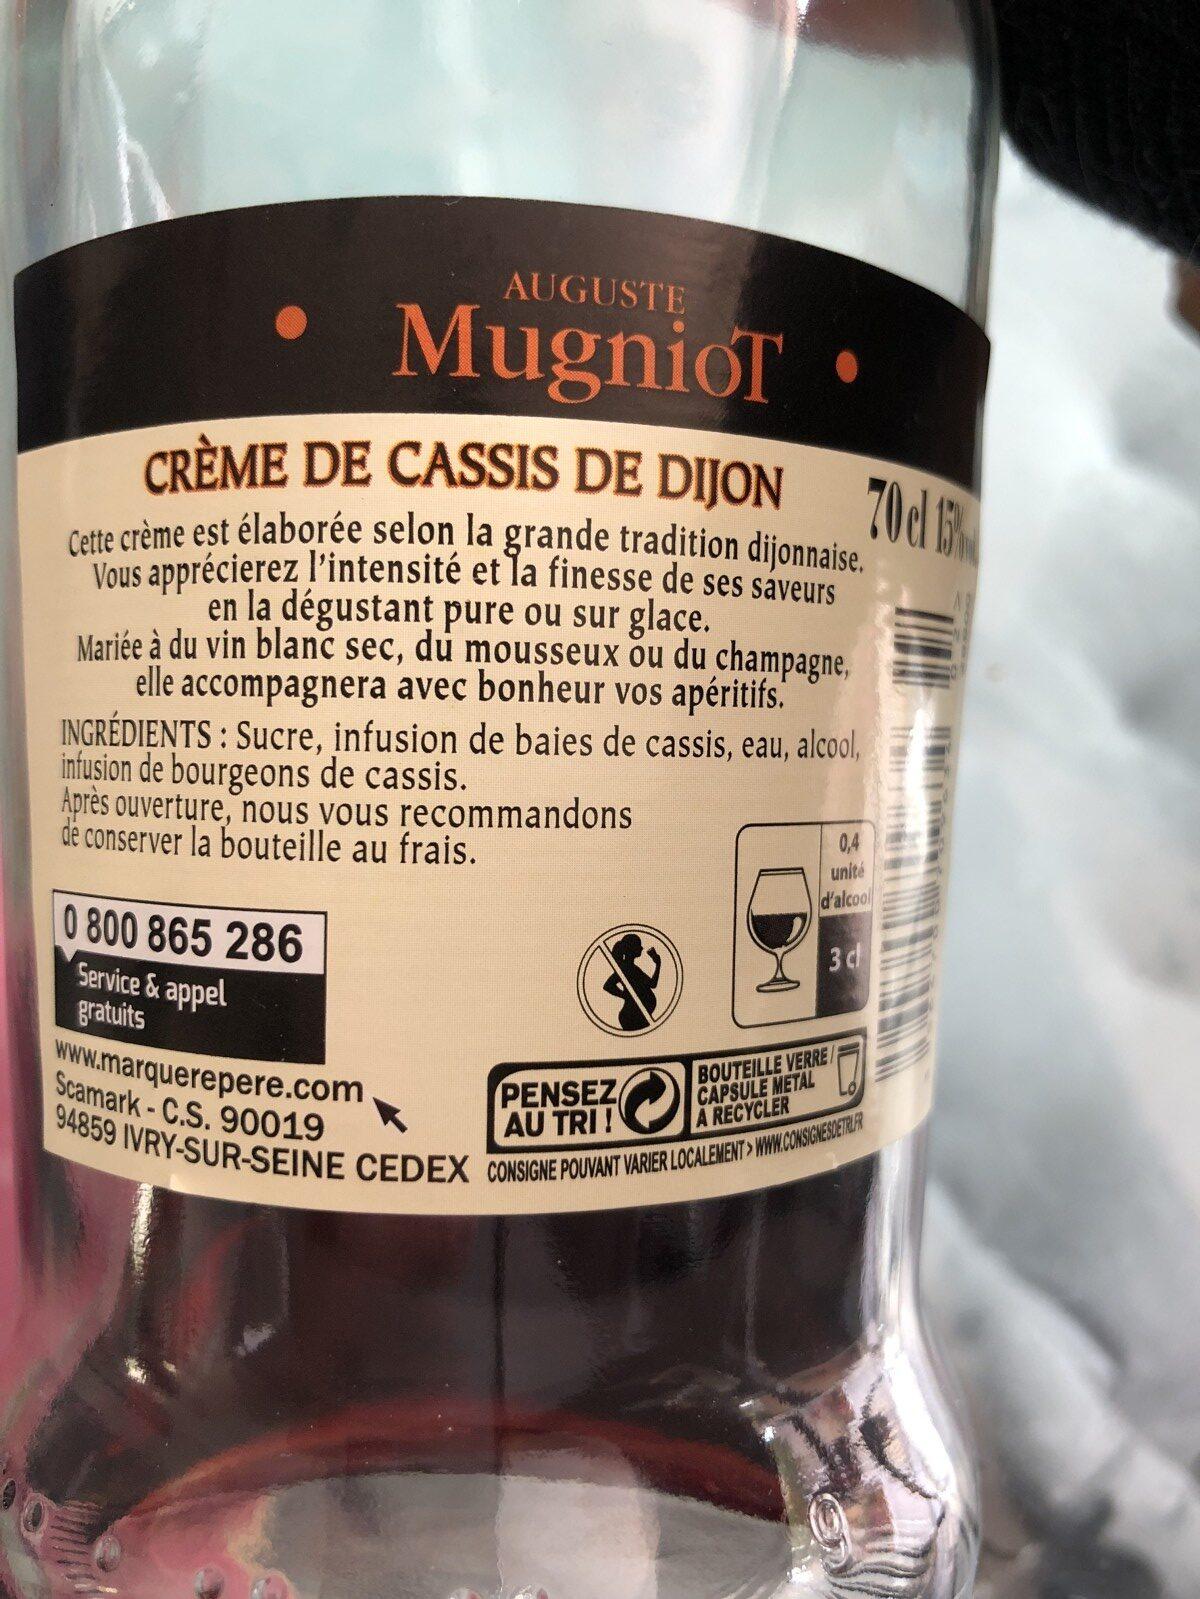 Creme De Cassis De Dijon 15 Auguste Mugniot 70 Cl